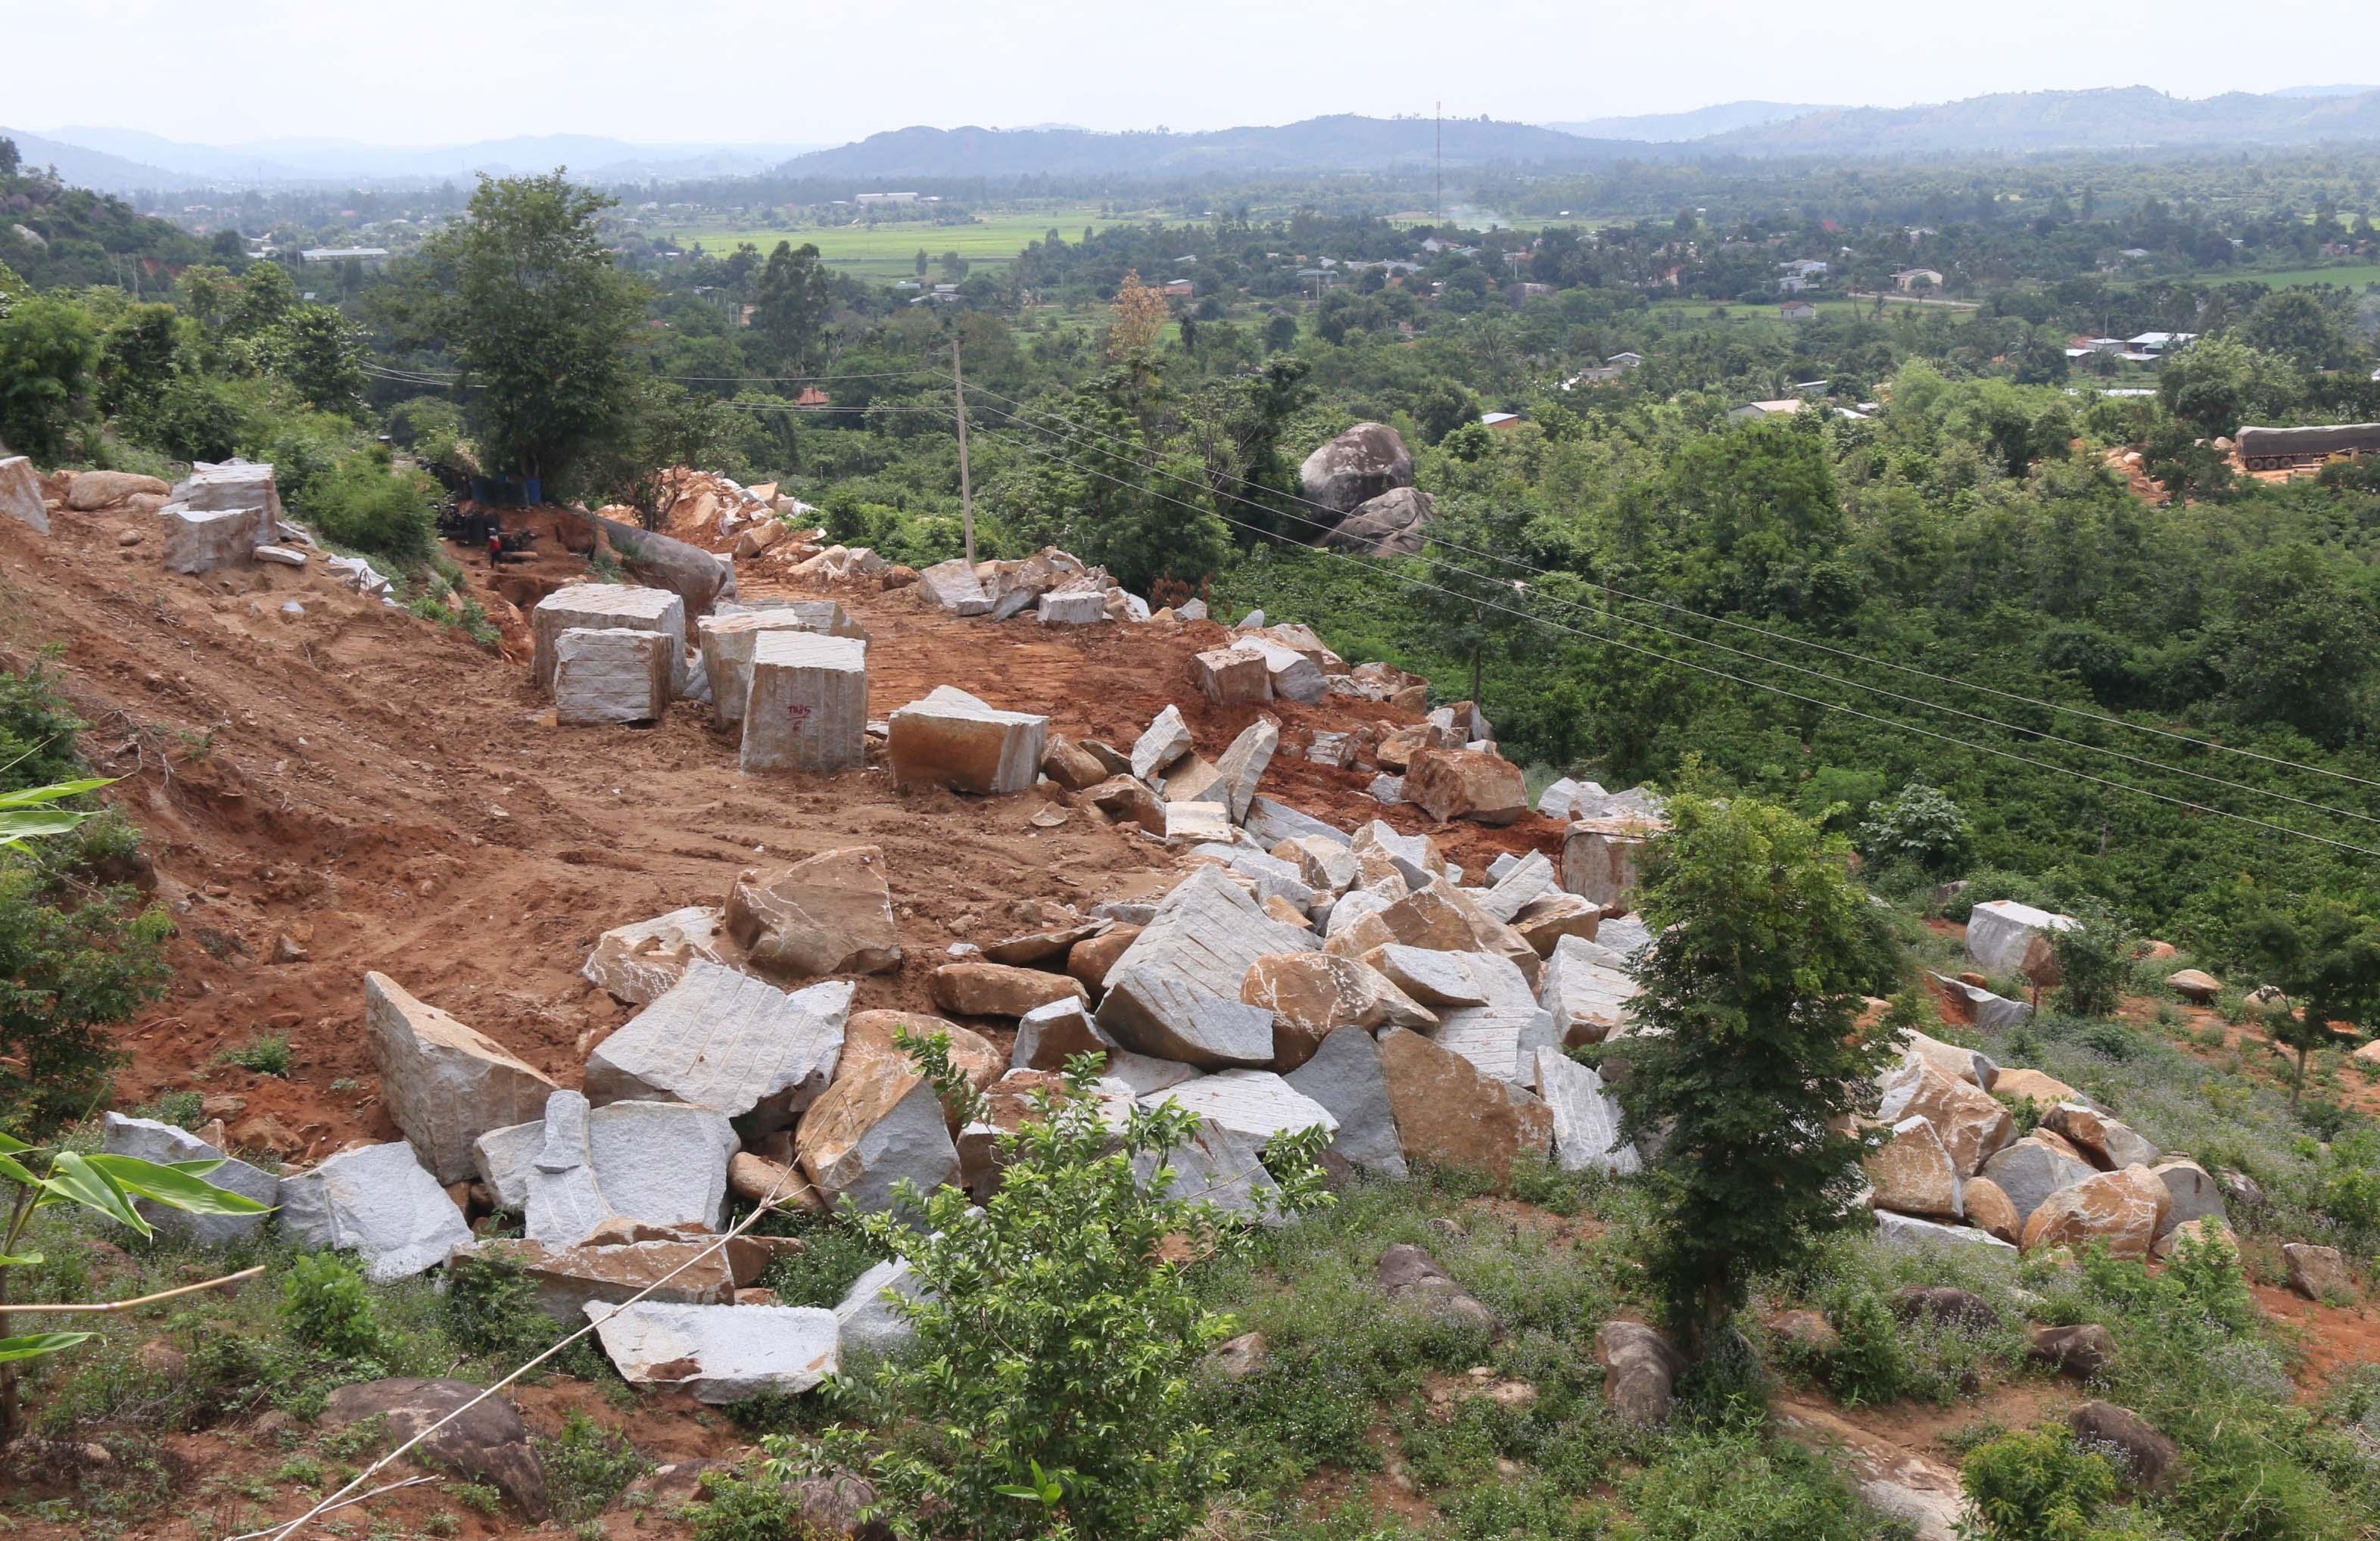 Cho thu gom đá xây dựng trong quá trình cải tạo đất tại Buôn Za, xã Hòa Sơn, huyện Krông Bông.